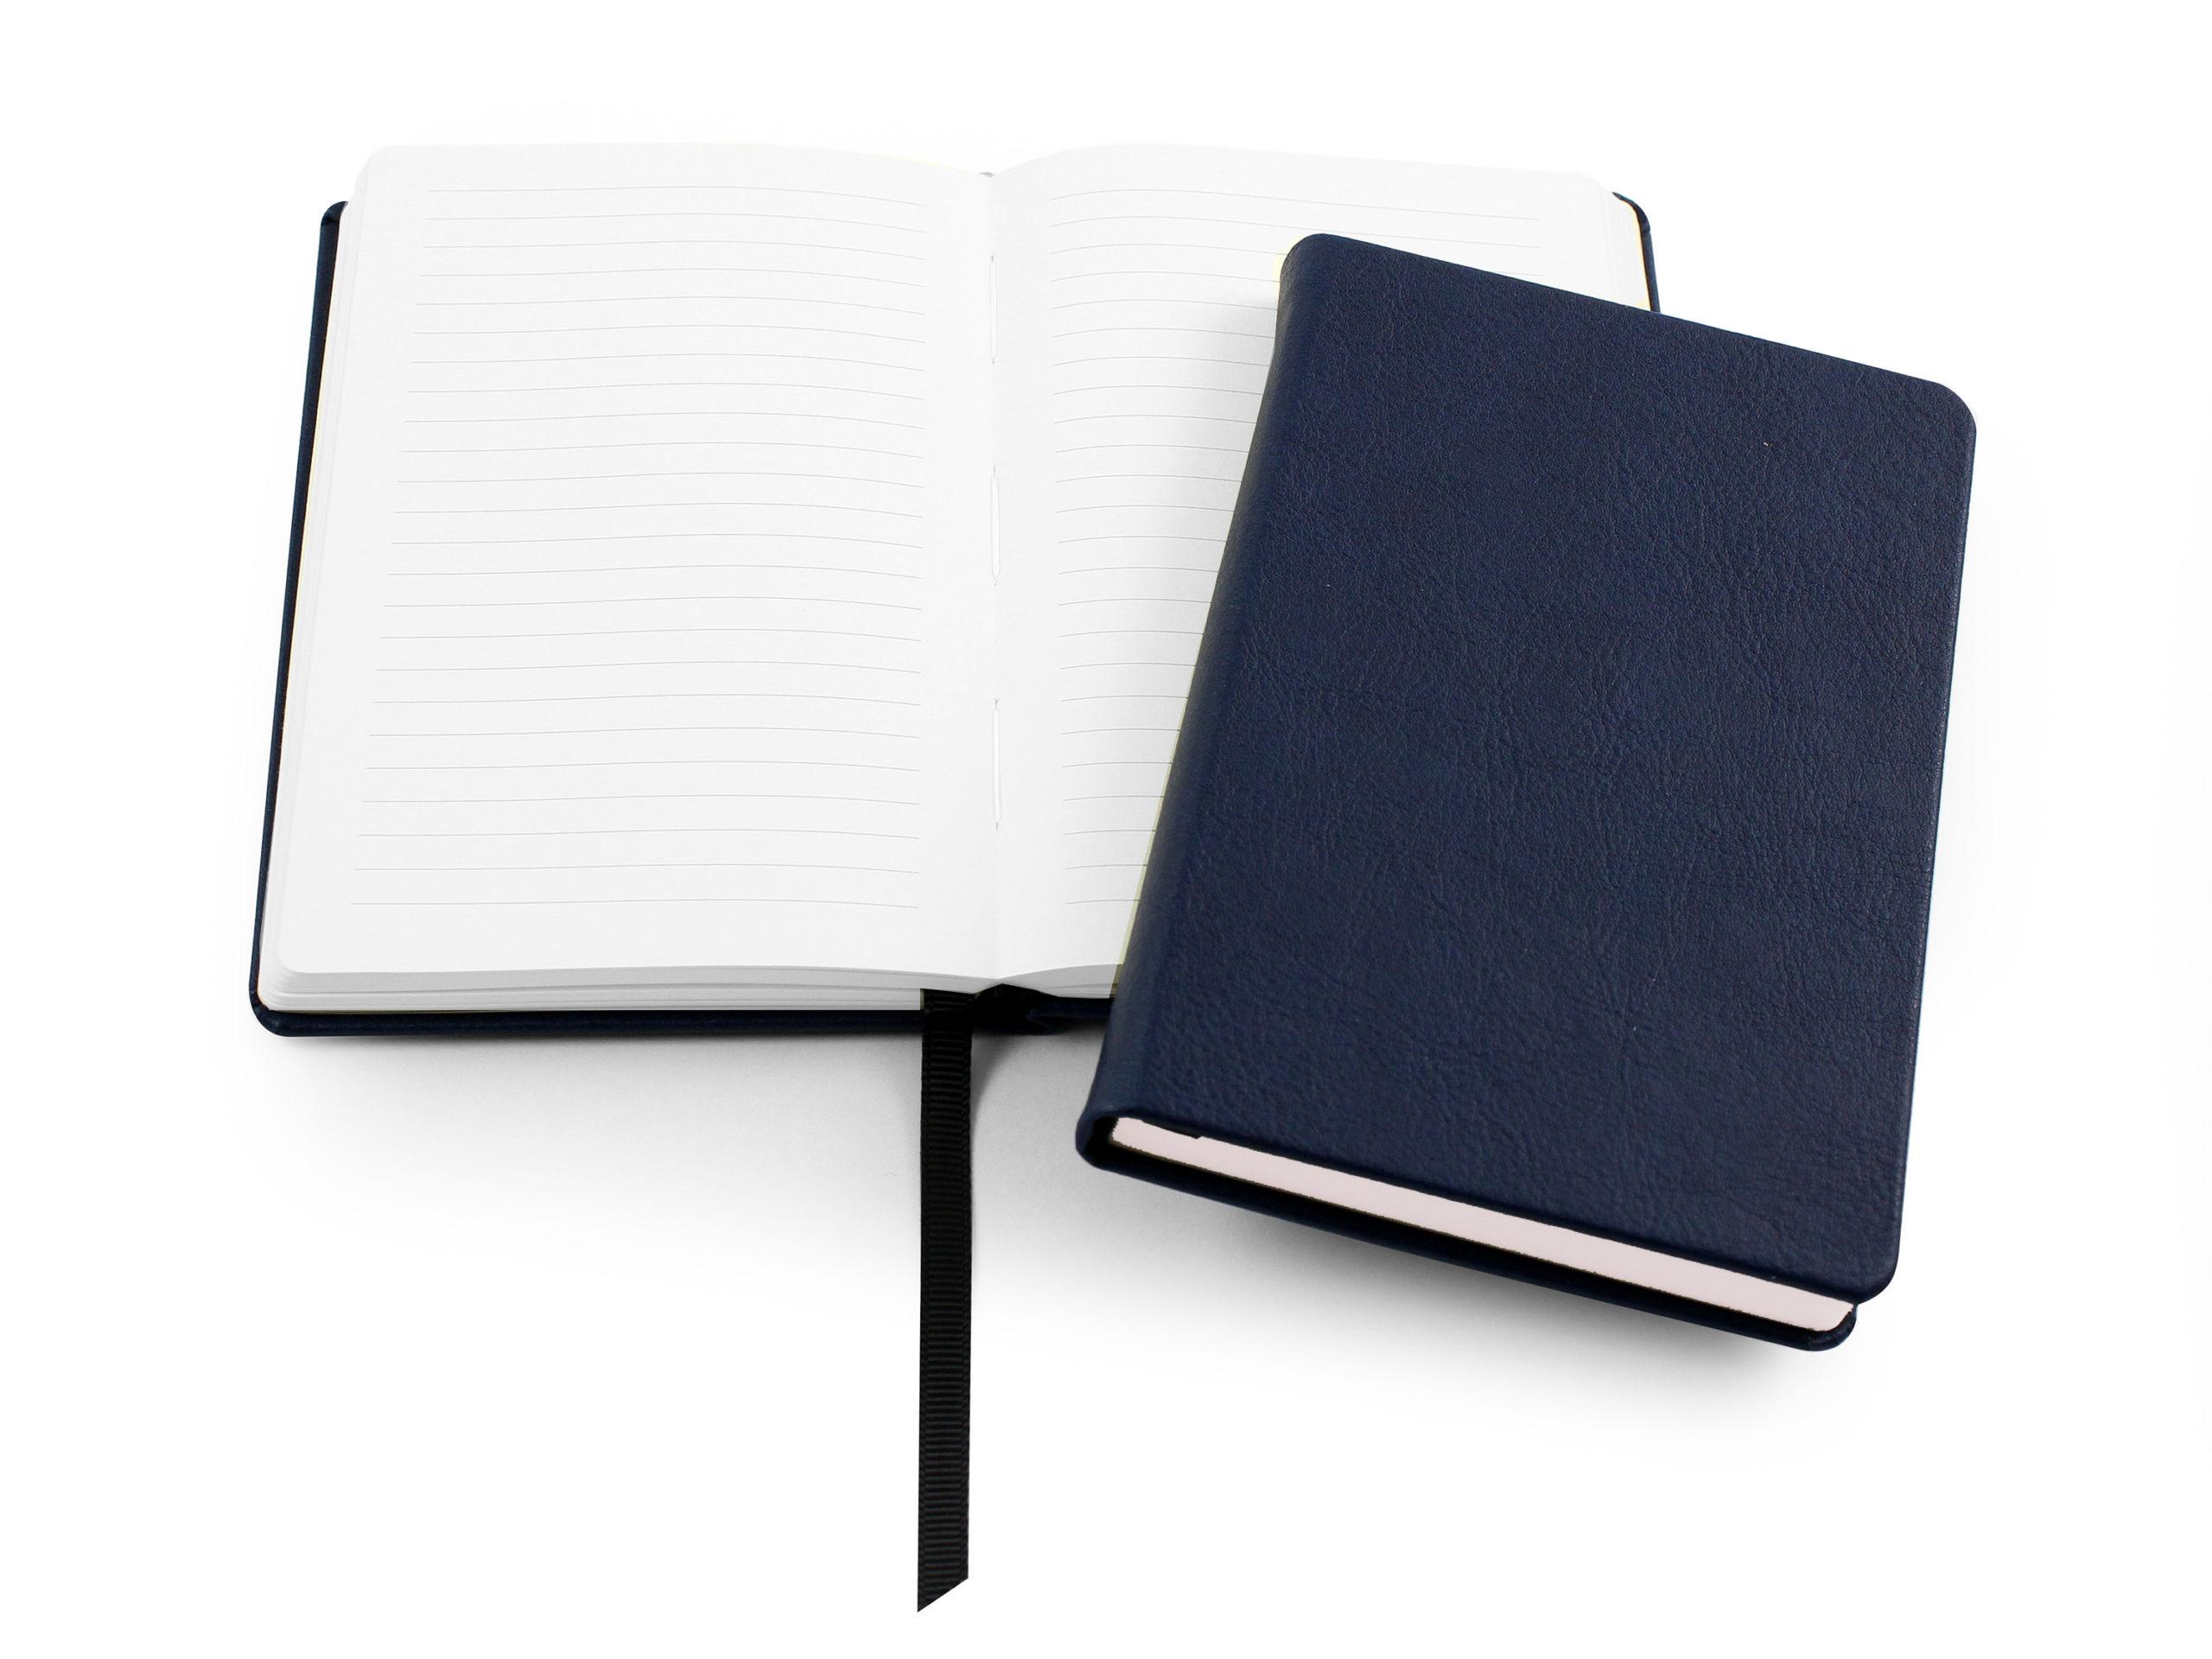 Blue Biodegradable BioD Pocket Notebook